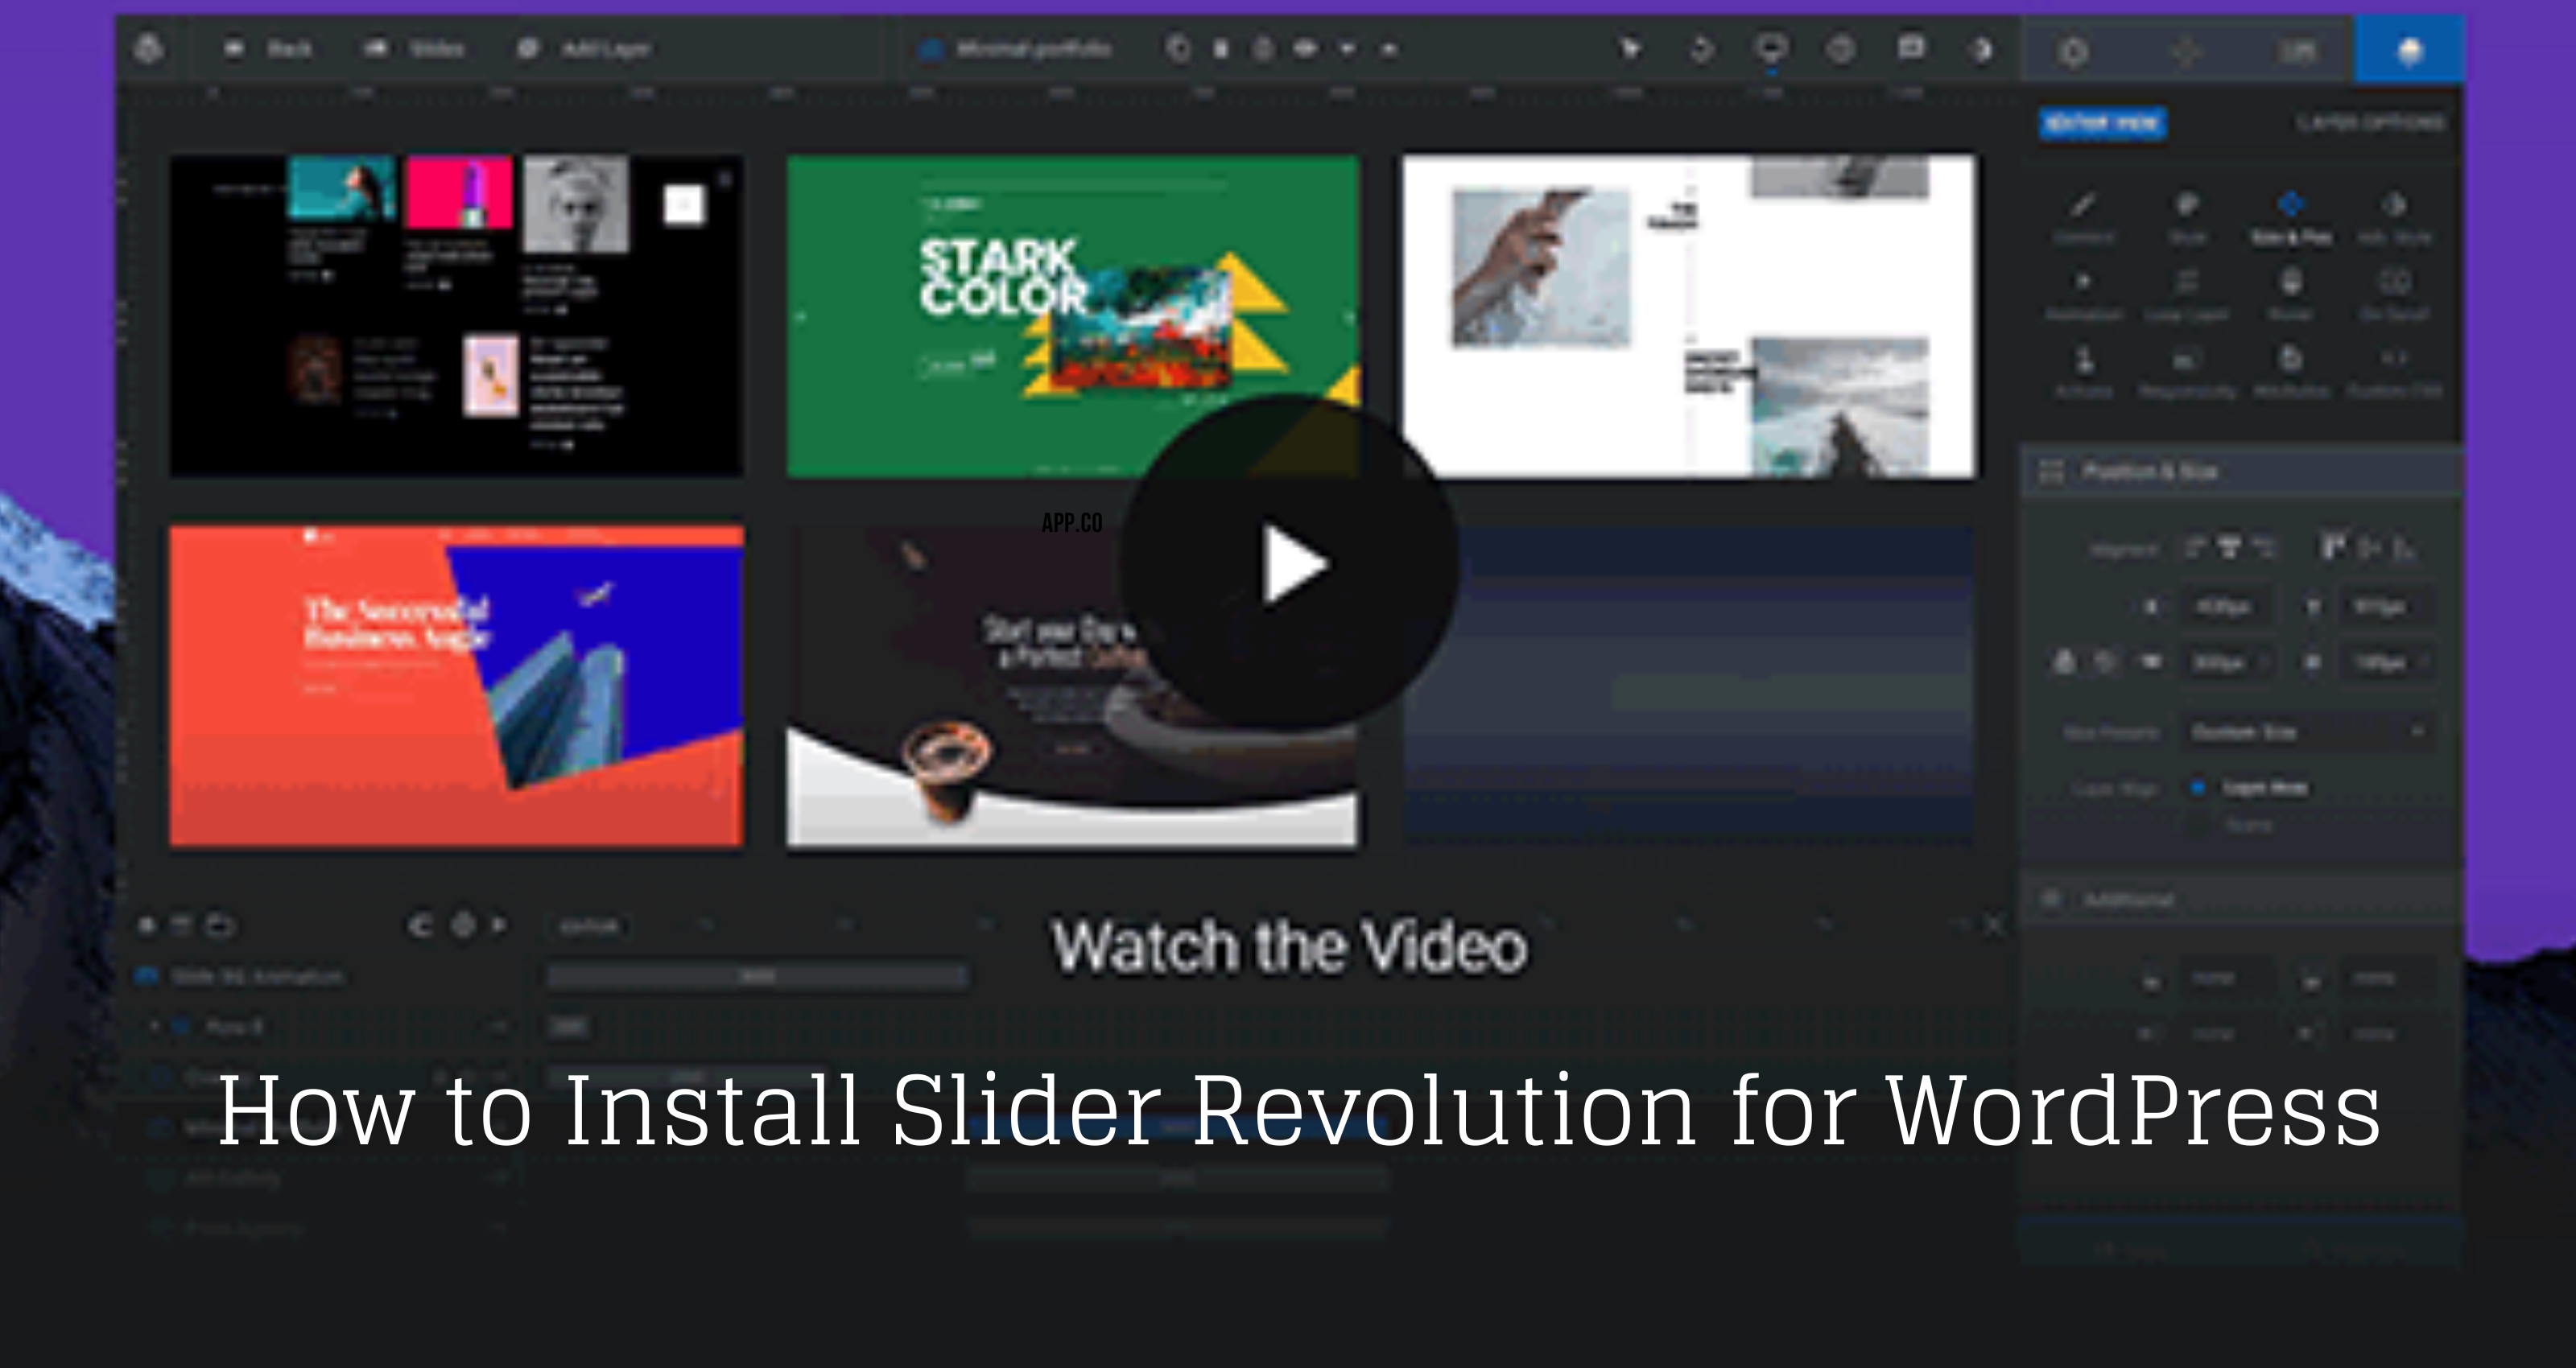 How to Install Slider Revolution for WordPress